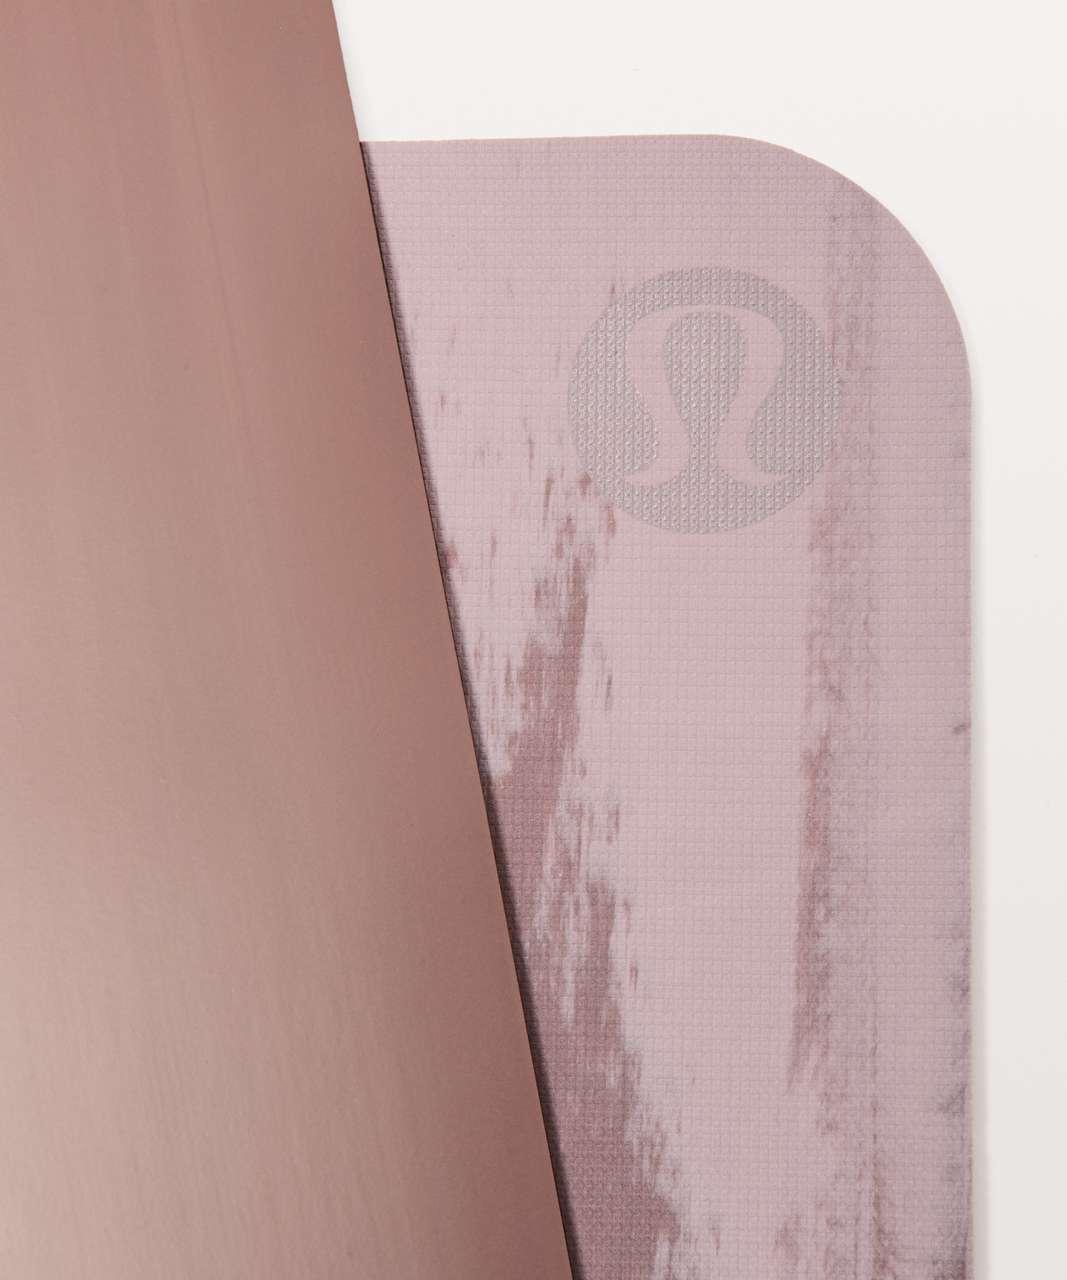 Lululemon The Reversible Mat 5mm - Misty Mauve / Misty Mocha